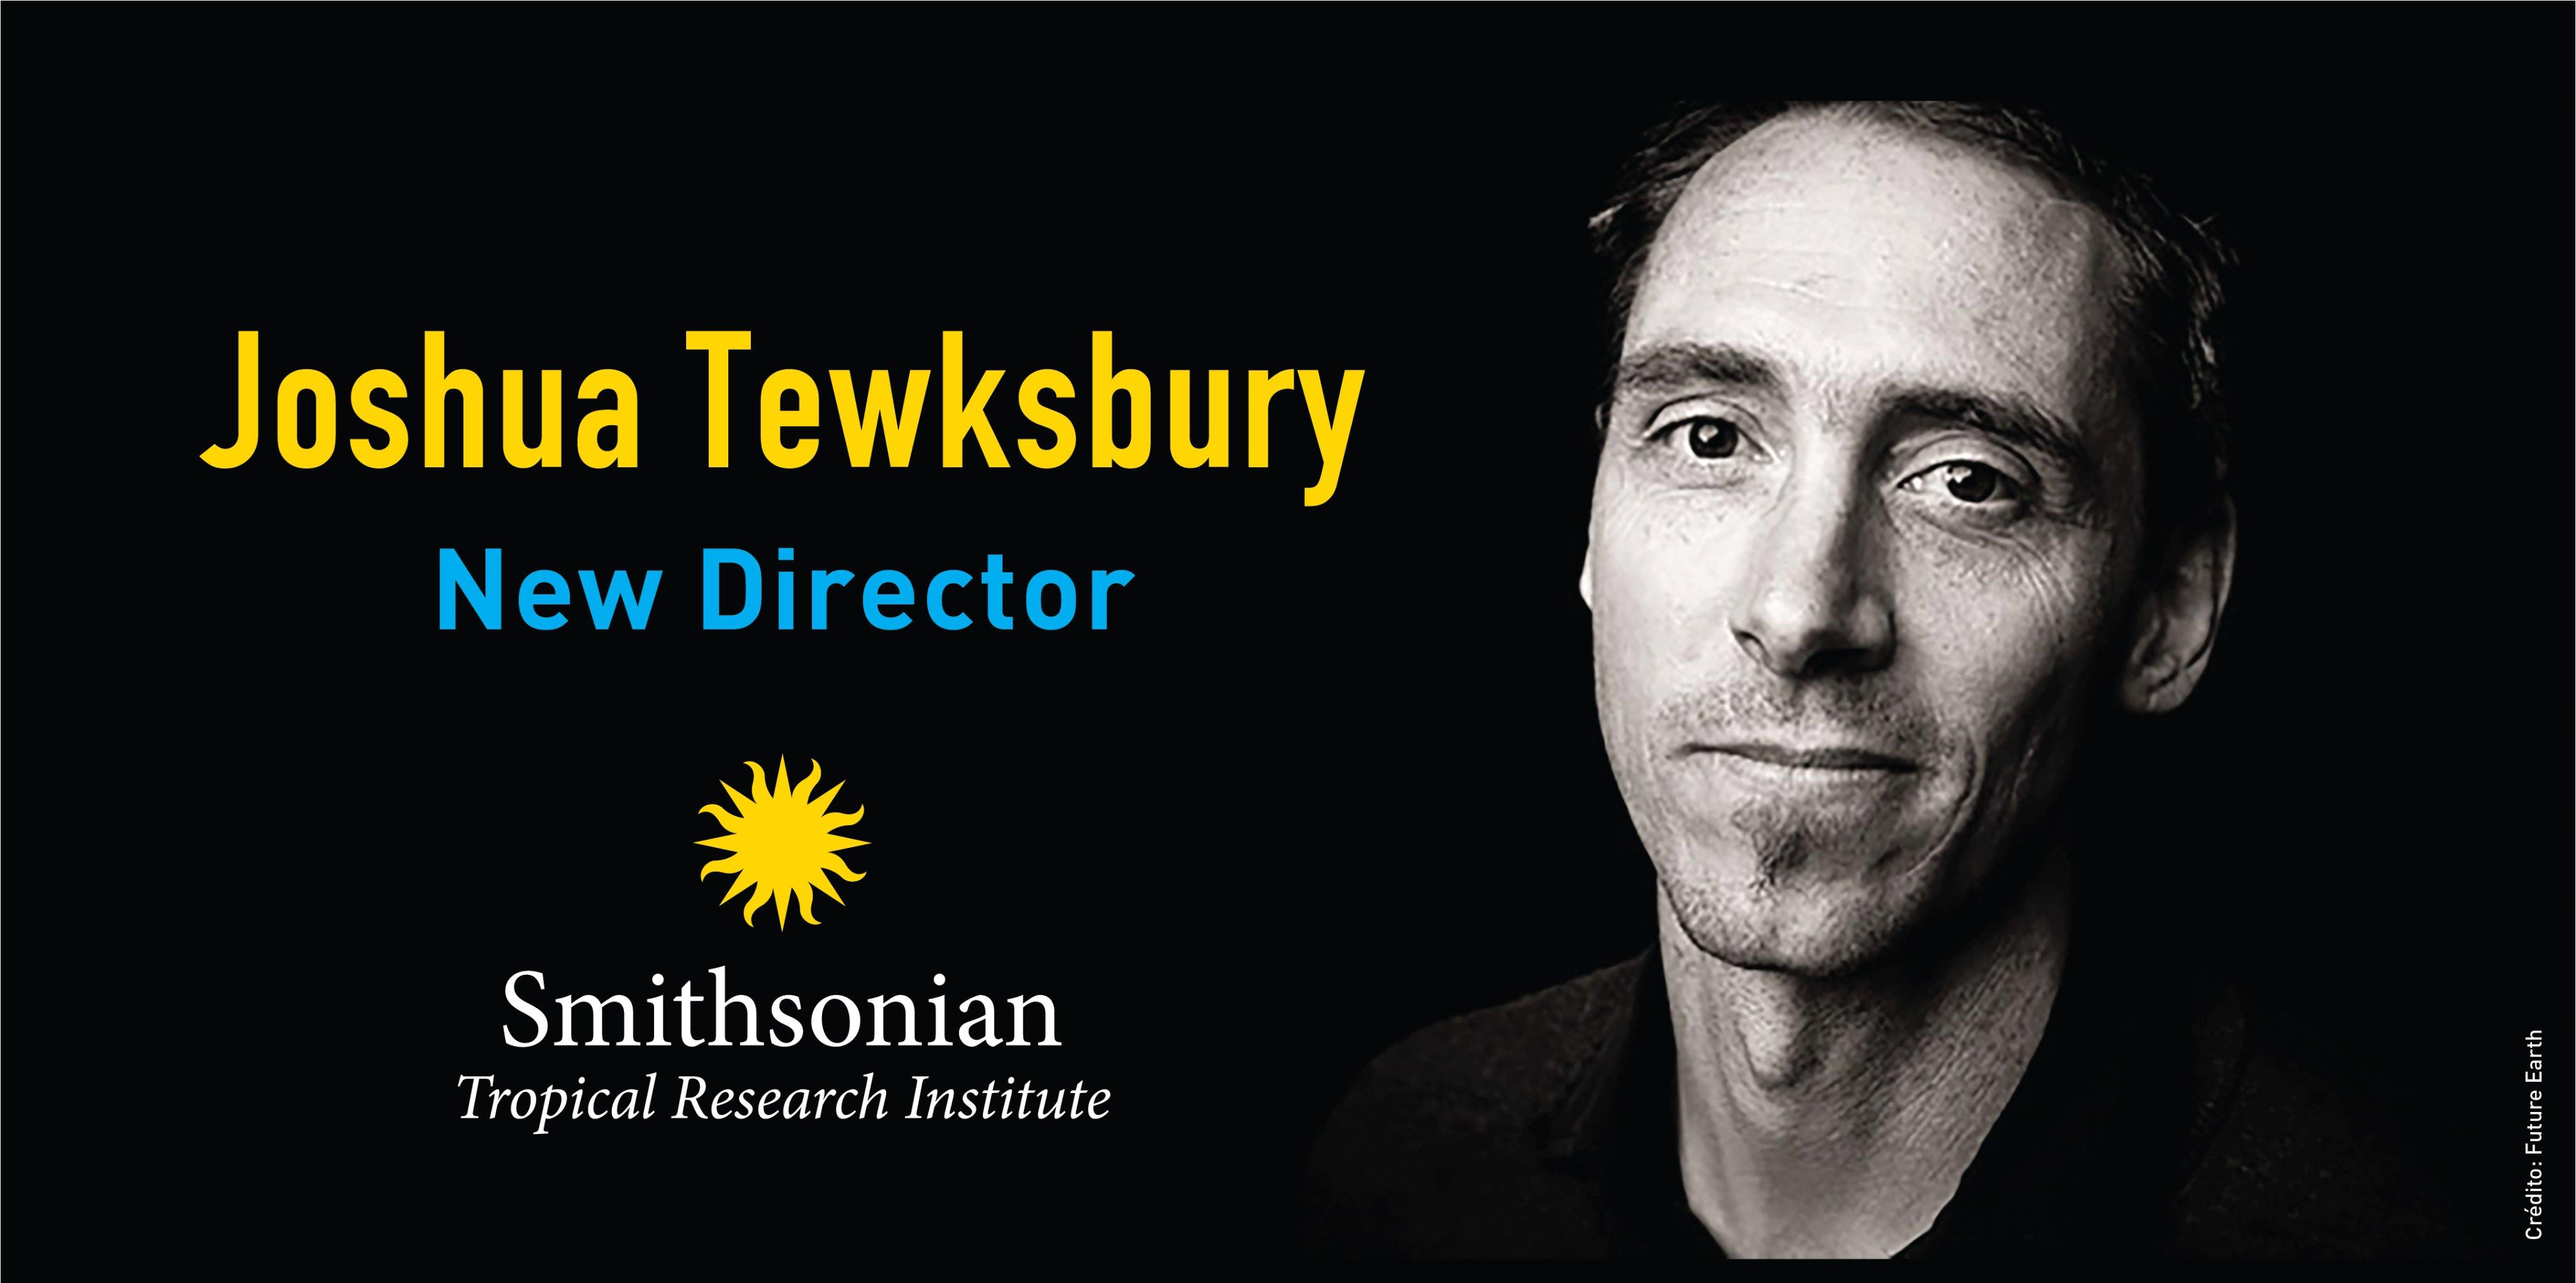 Joshua Tewksbury